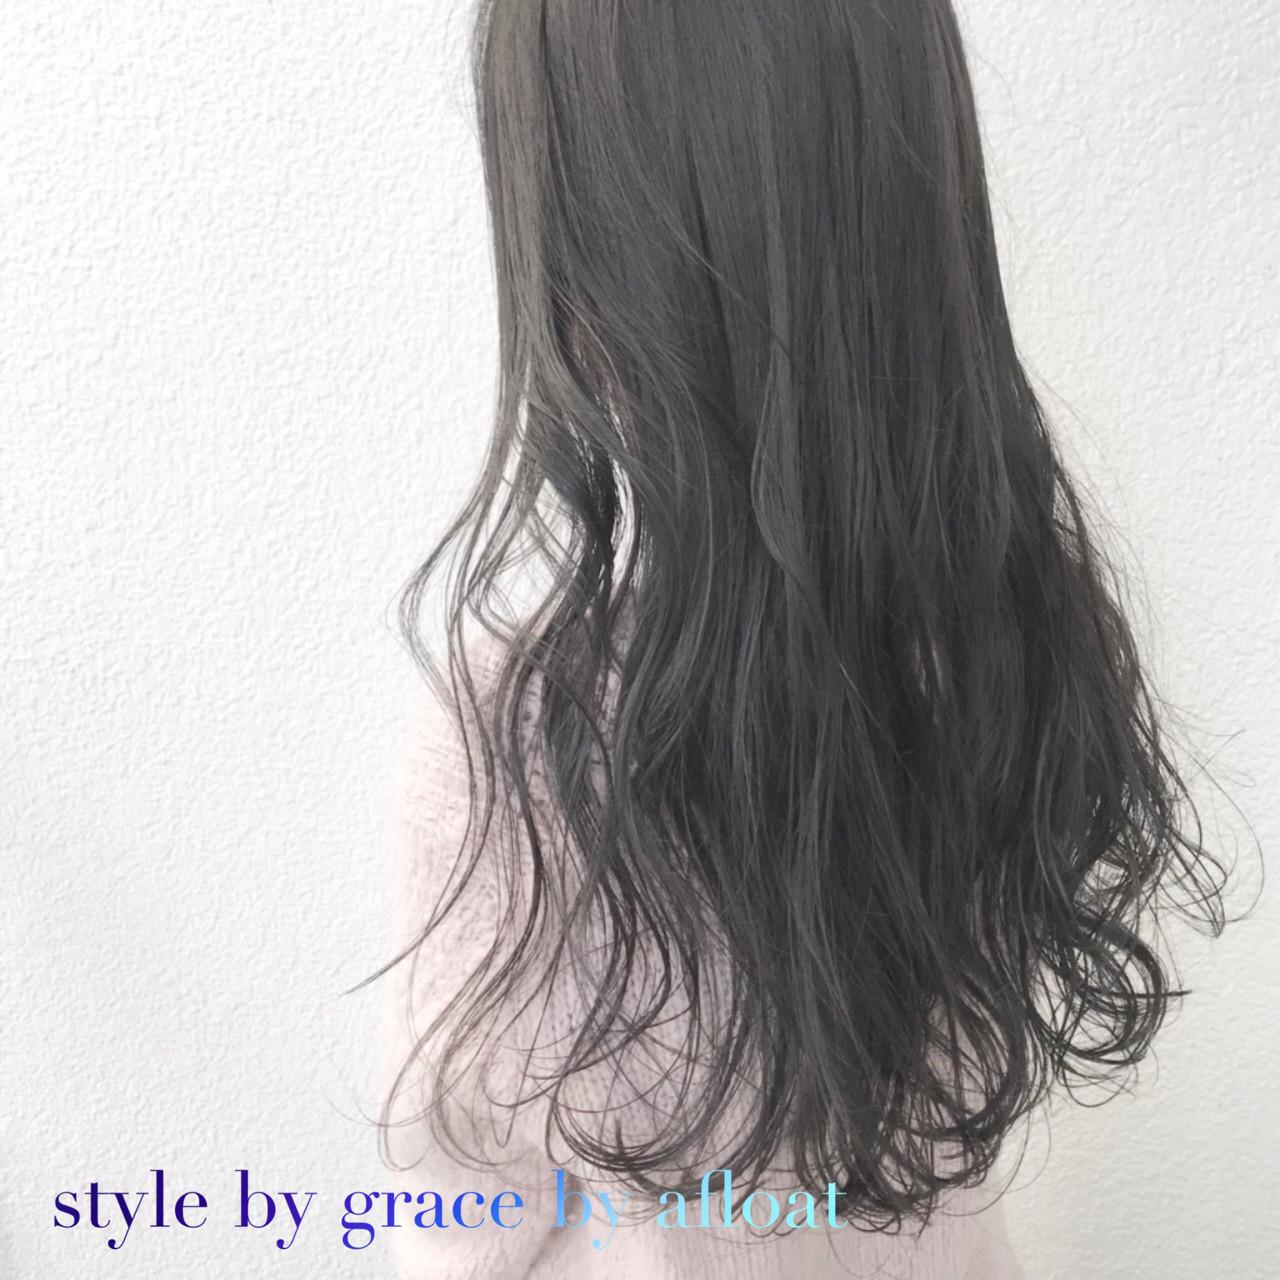 アッシュ アッシュベージュ モード アッシュグレージュヘアスタイルや髪型の写真・画像